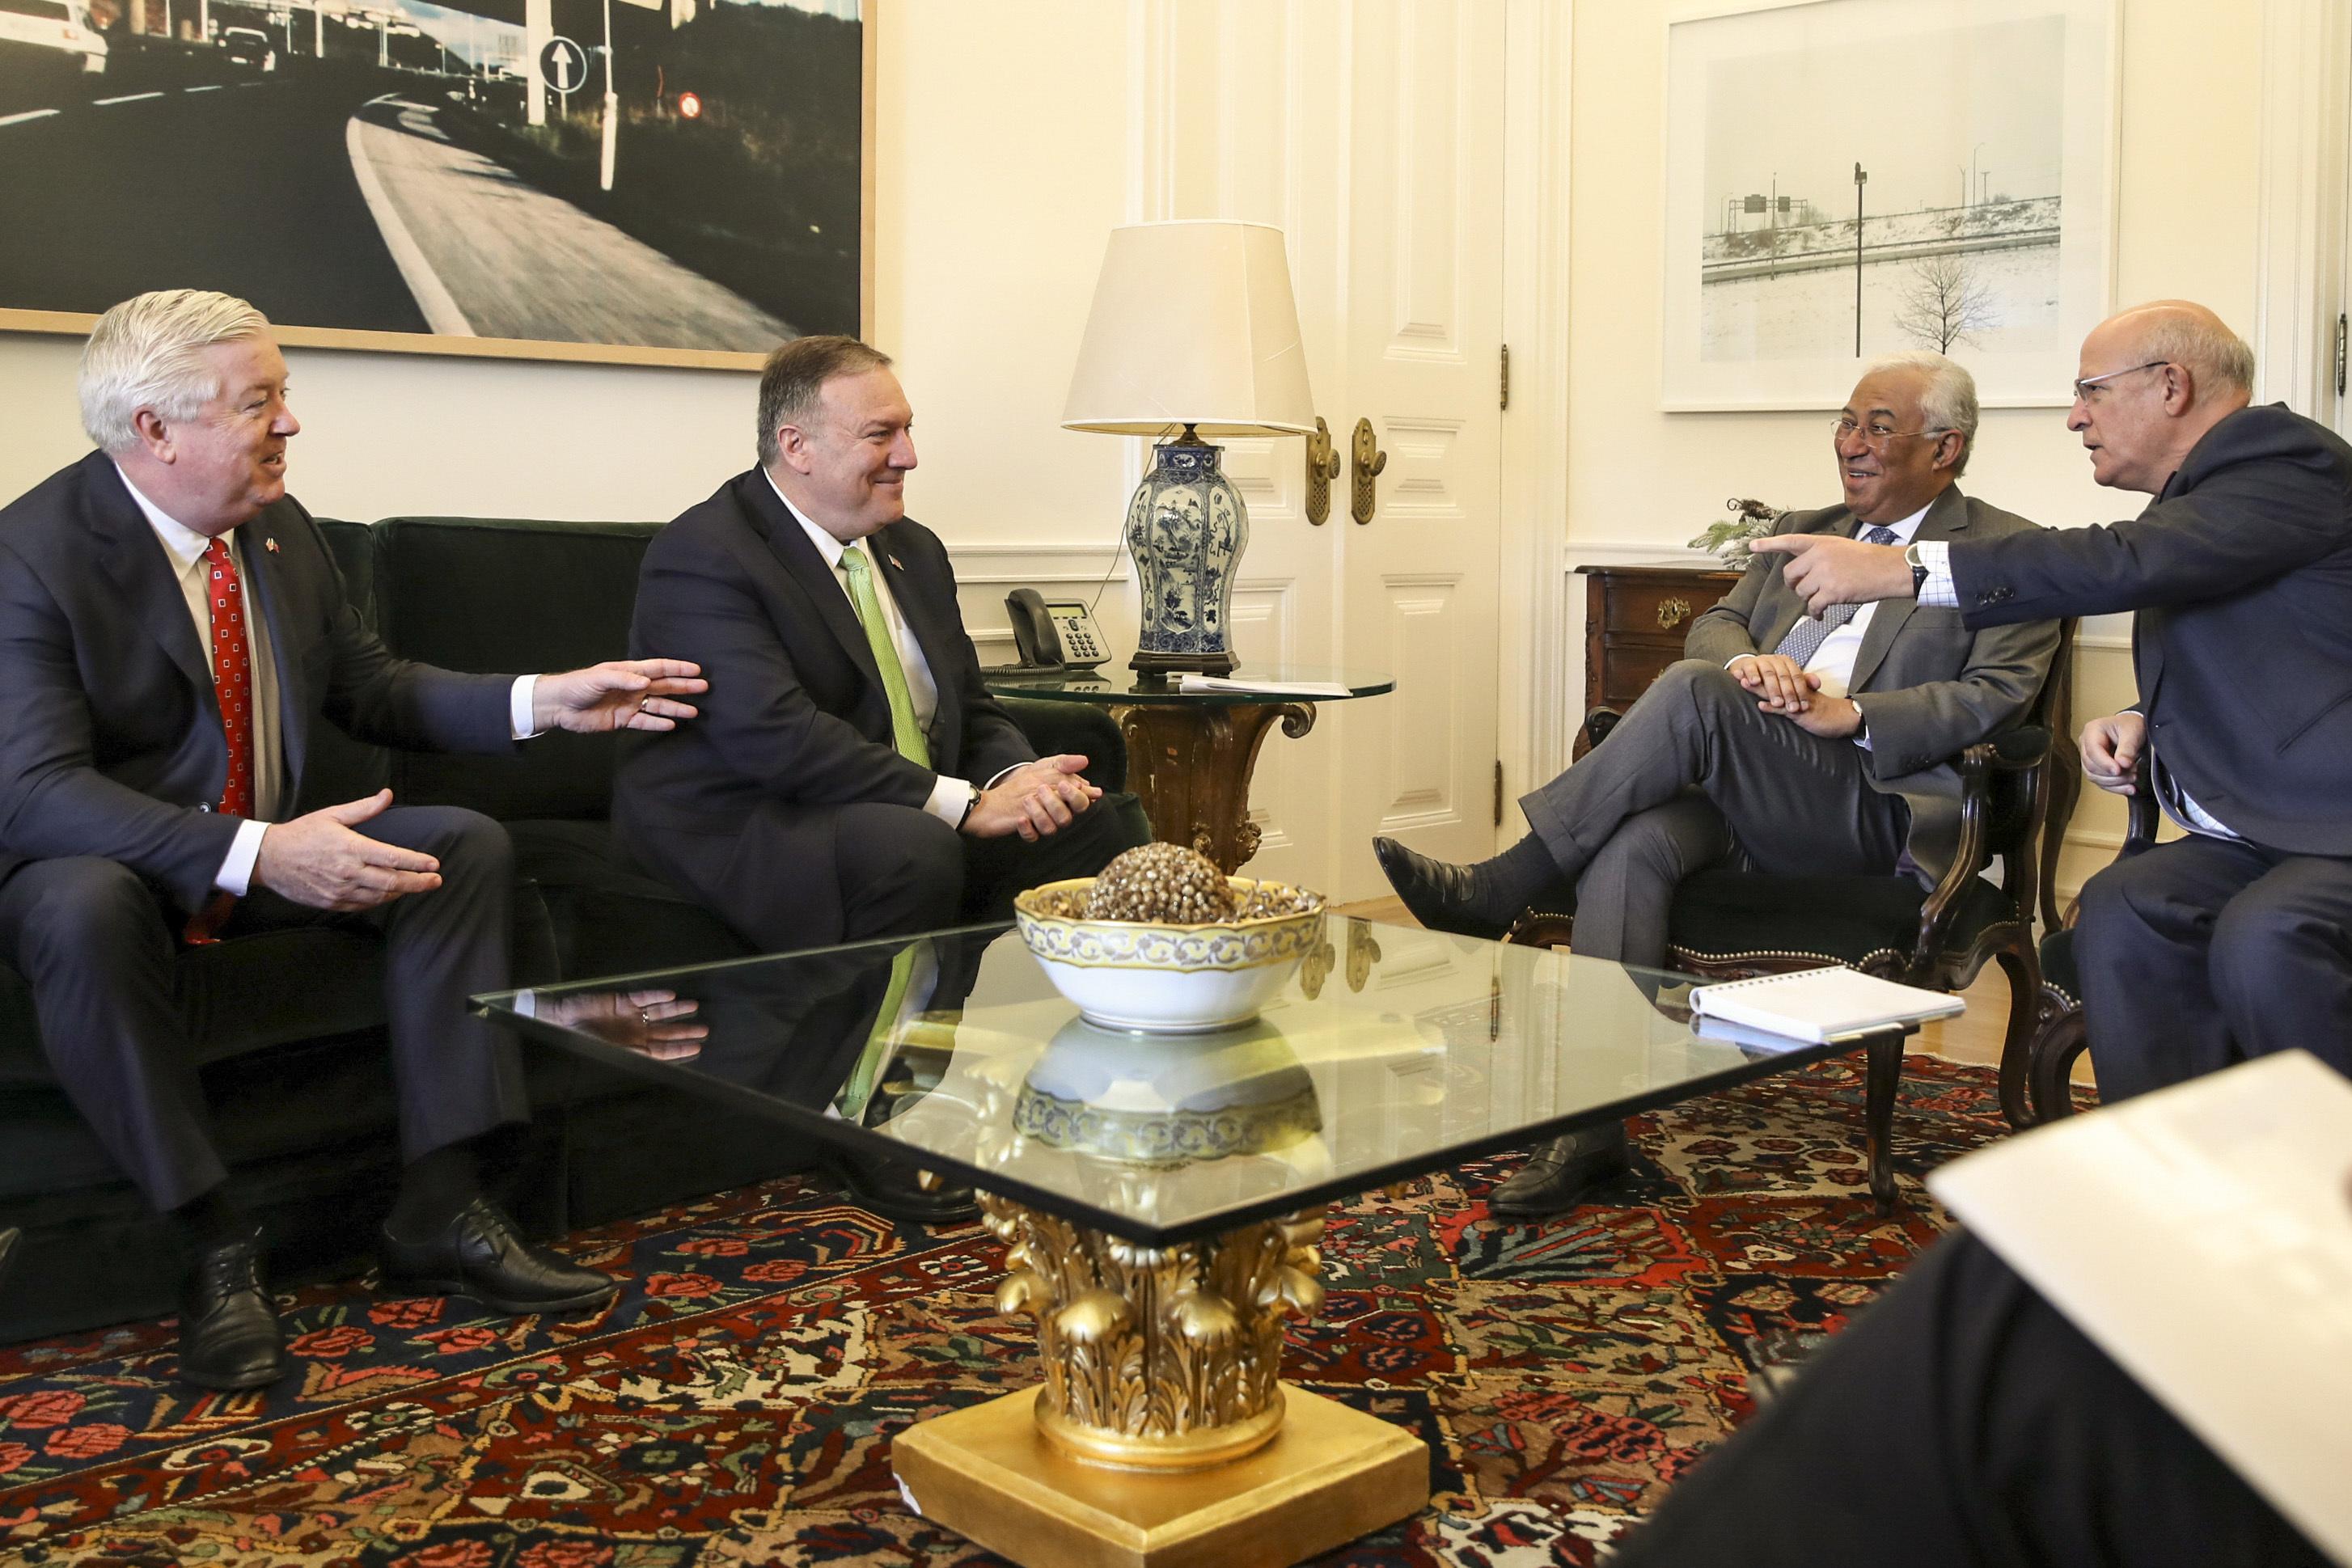 Costa recebeu Mike Pompeo em São Bento numa reunião sobre relações luso-americanas